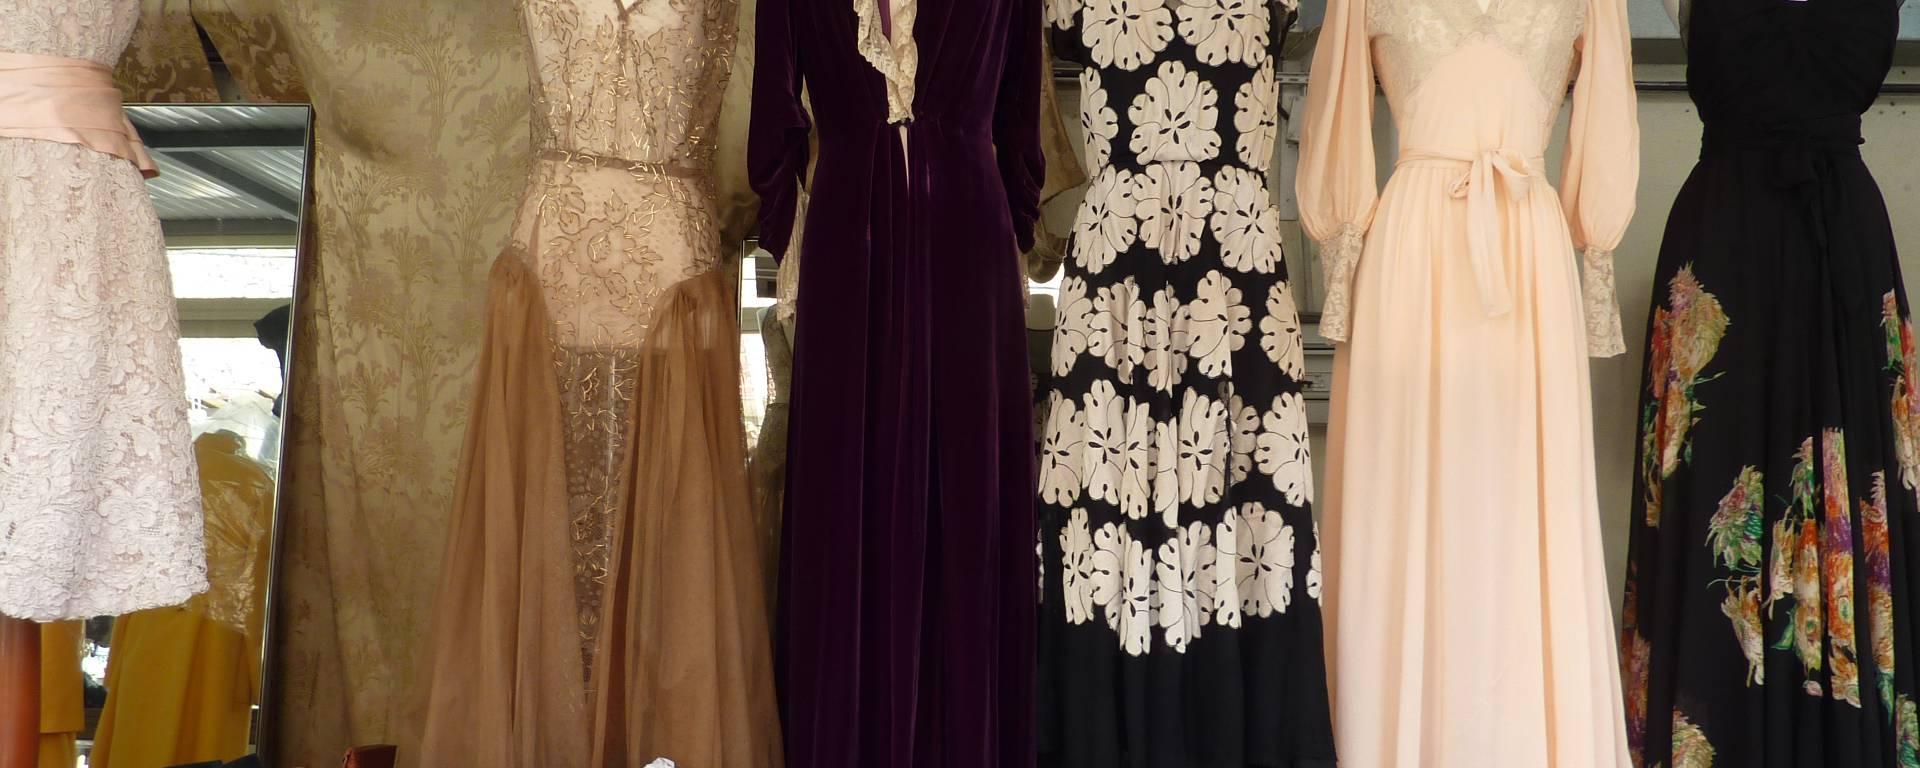 Vêtement vintage au marché aux puces